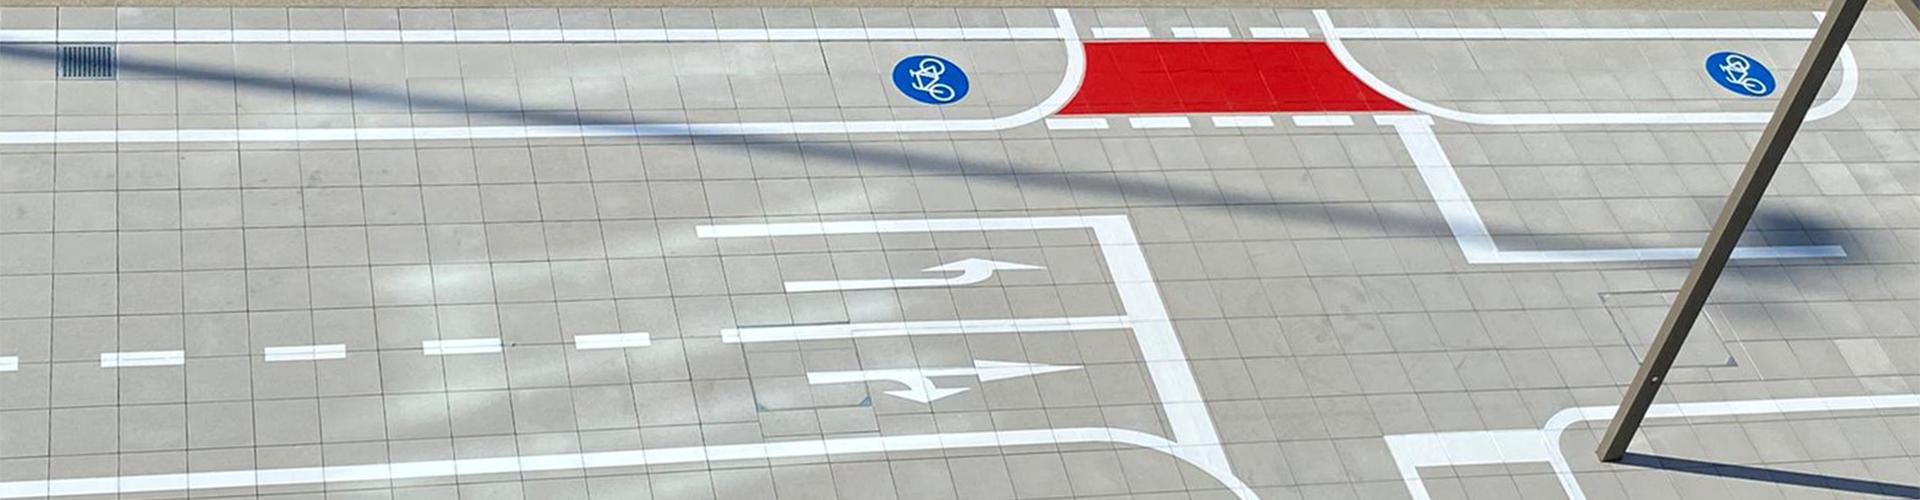 Markierung eines Verkehrsübungsplatz für die Mobilitäts- und Verkehrserziehung von Kindern